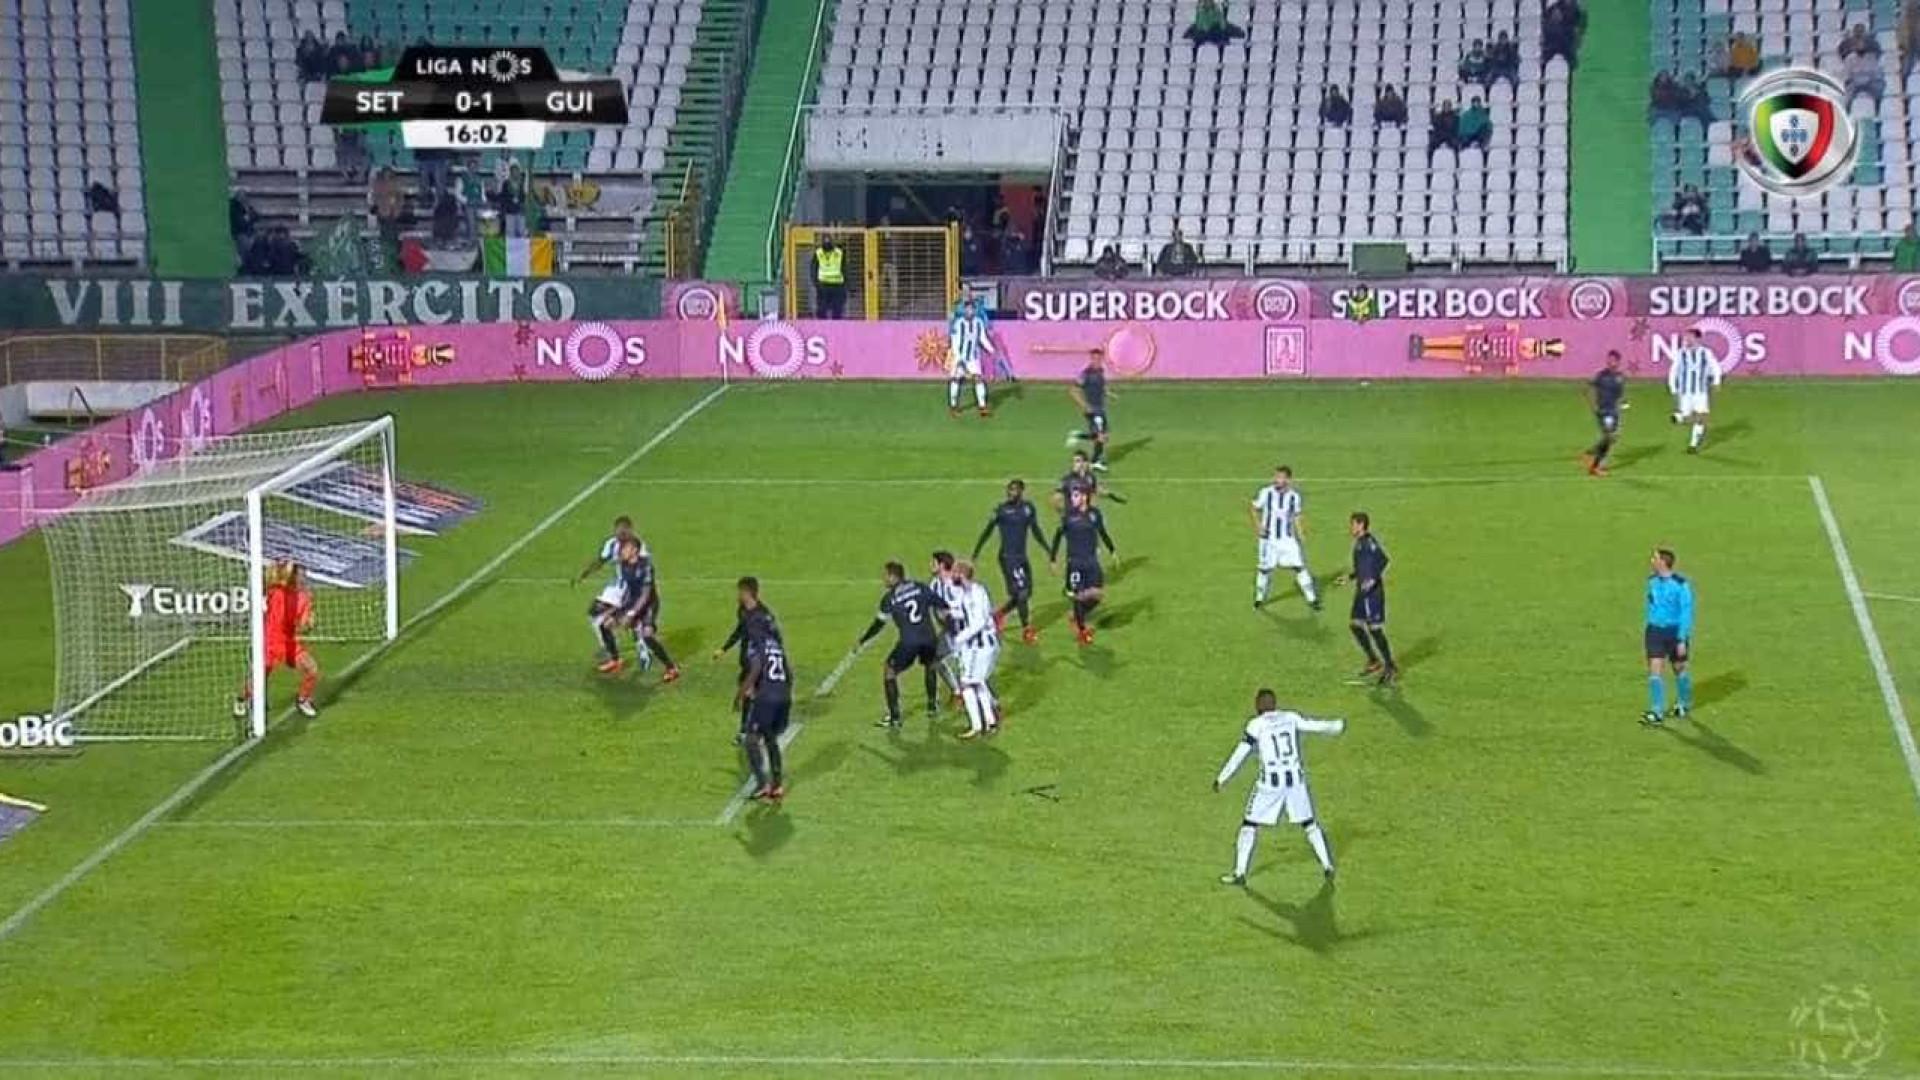 Resultado final: Vitória de Setúbal-Vitória de Guimarães, 1-2